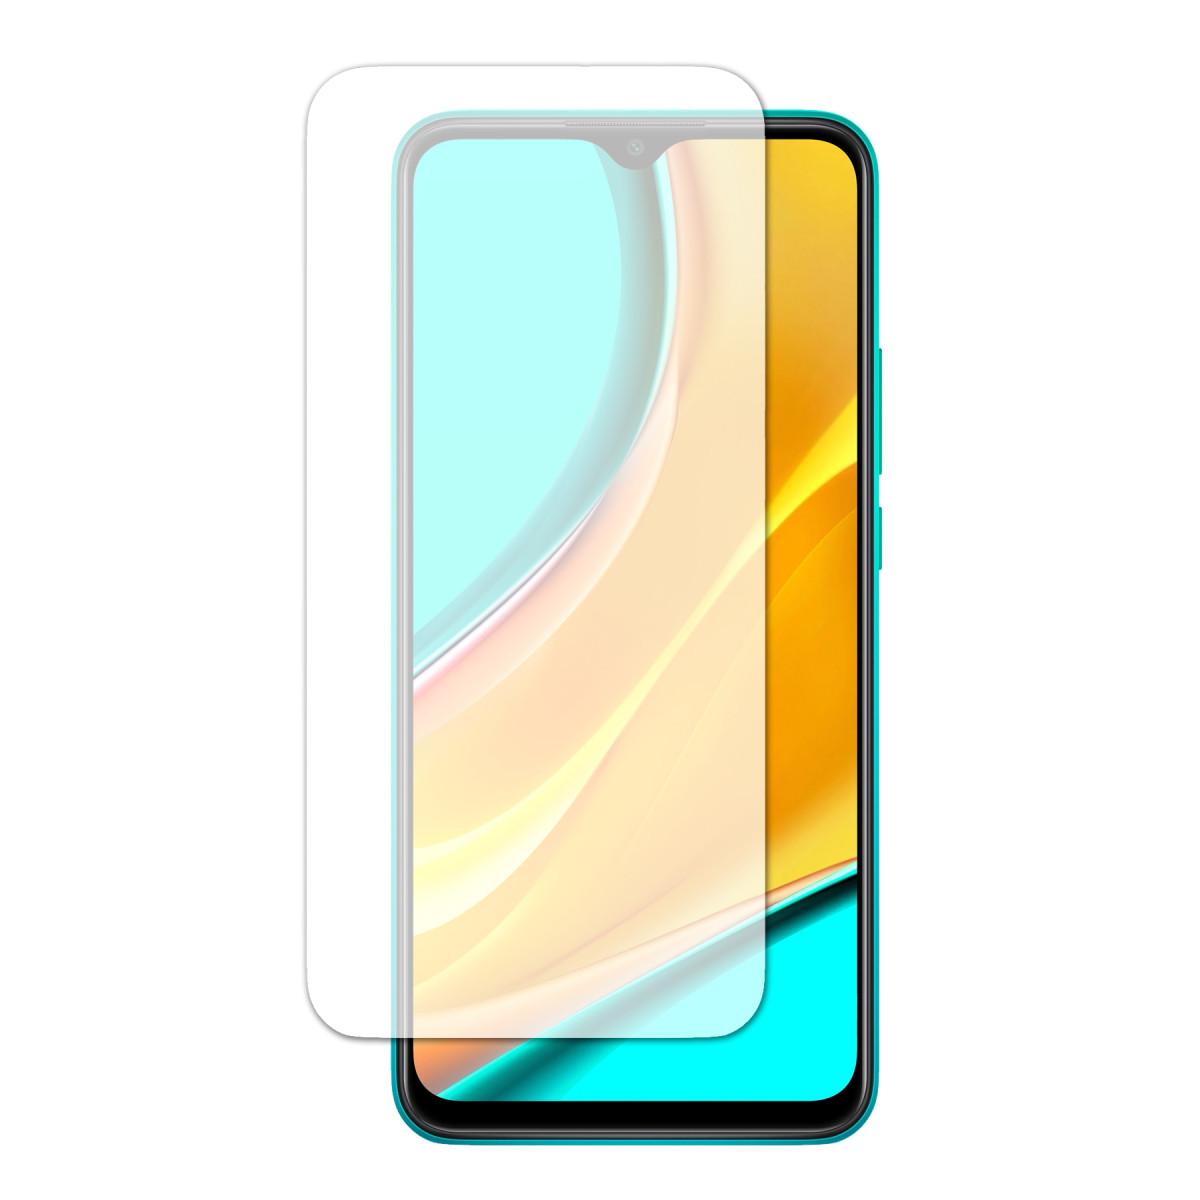 Гидрогелевая защитная пленка для смартфонов Redmi (5/5A/Note 6/7/7A/Note 7A/Note 8 Pro/Note 8T/9/9T и другие)